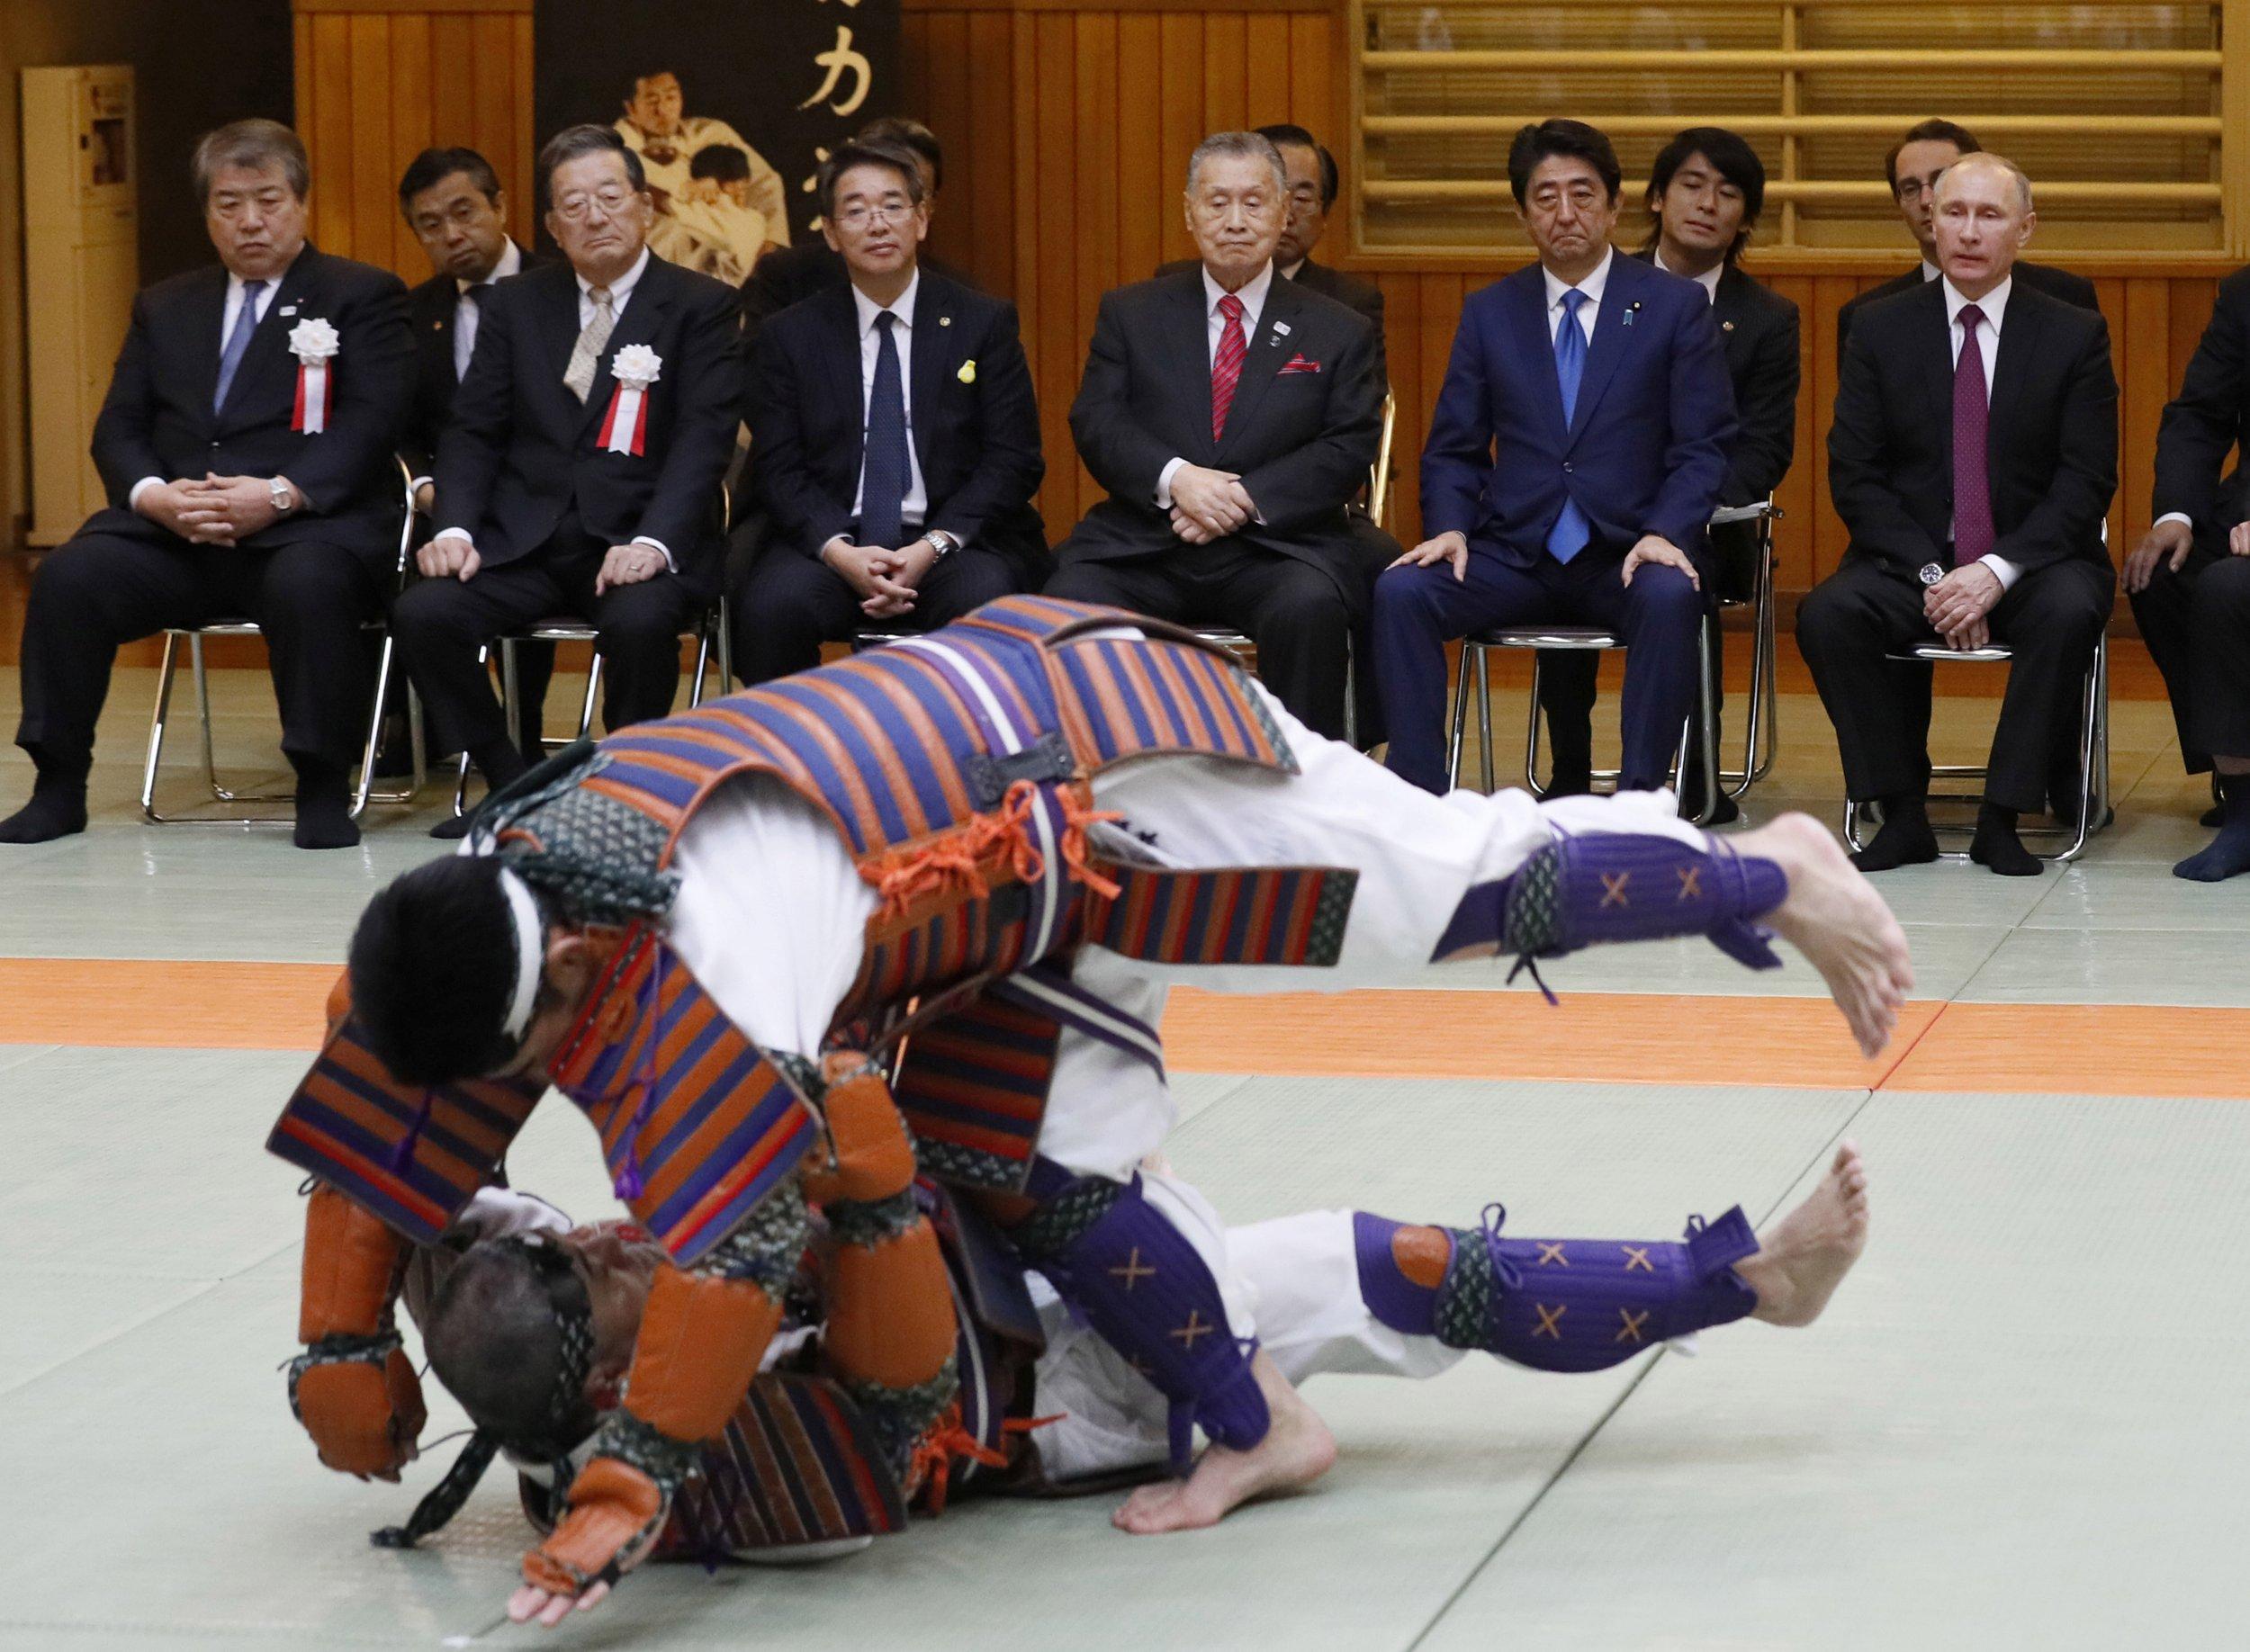 Putin and Abe in Kodokan